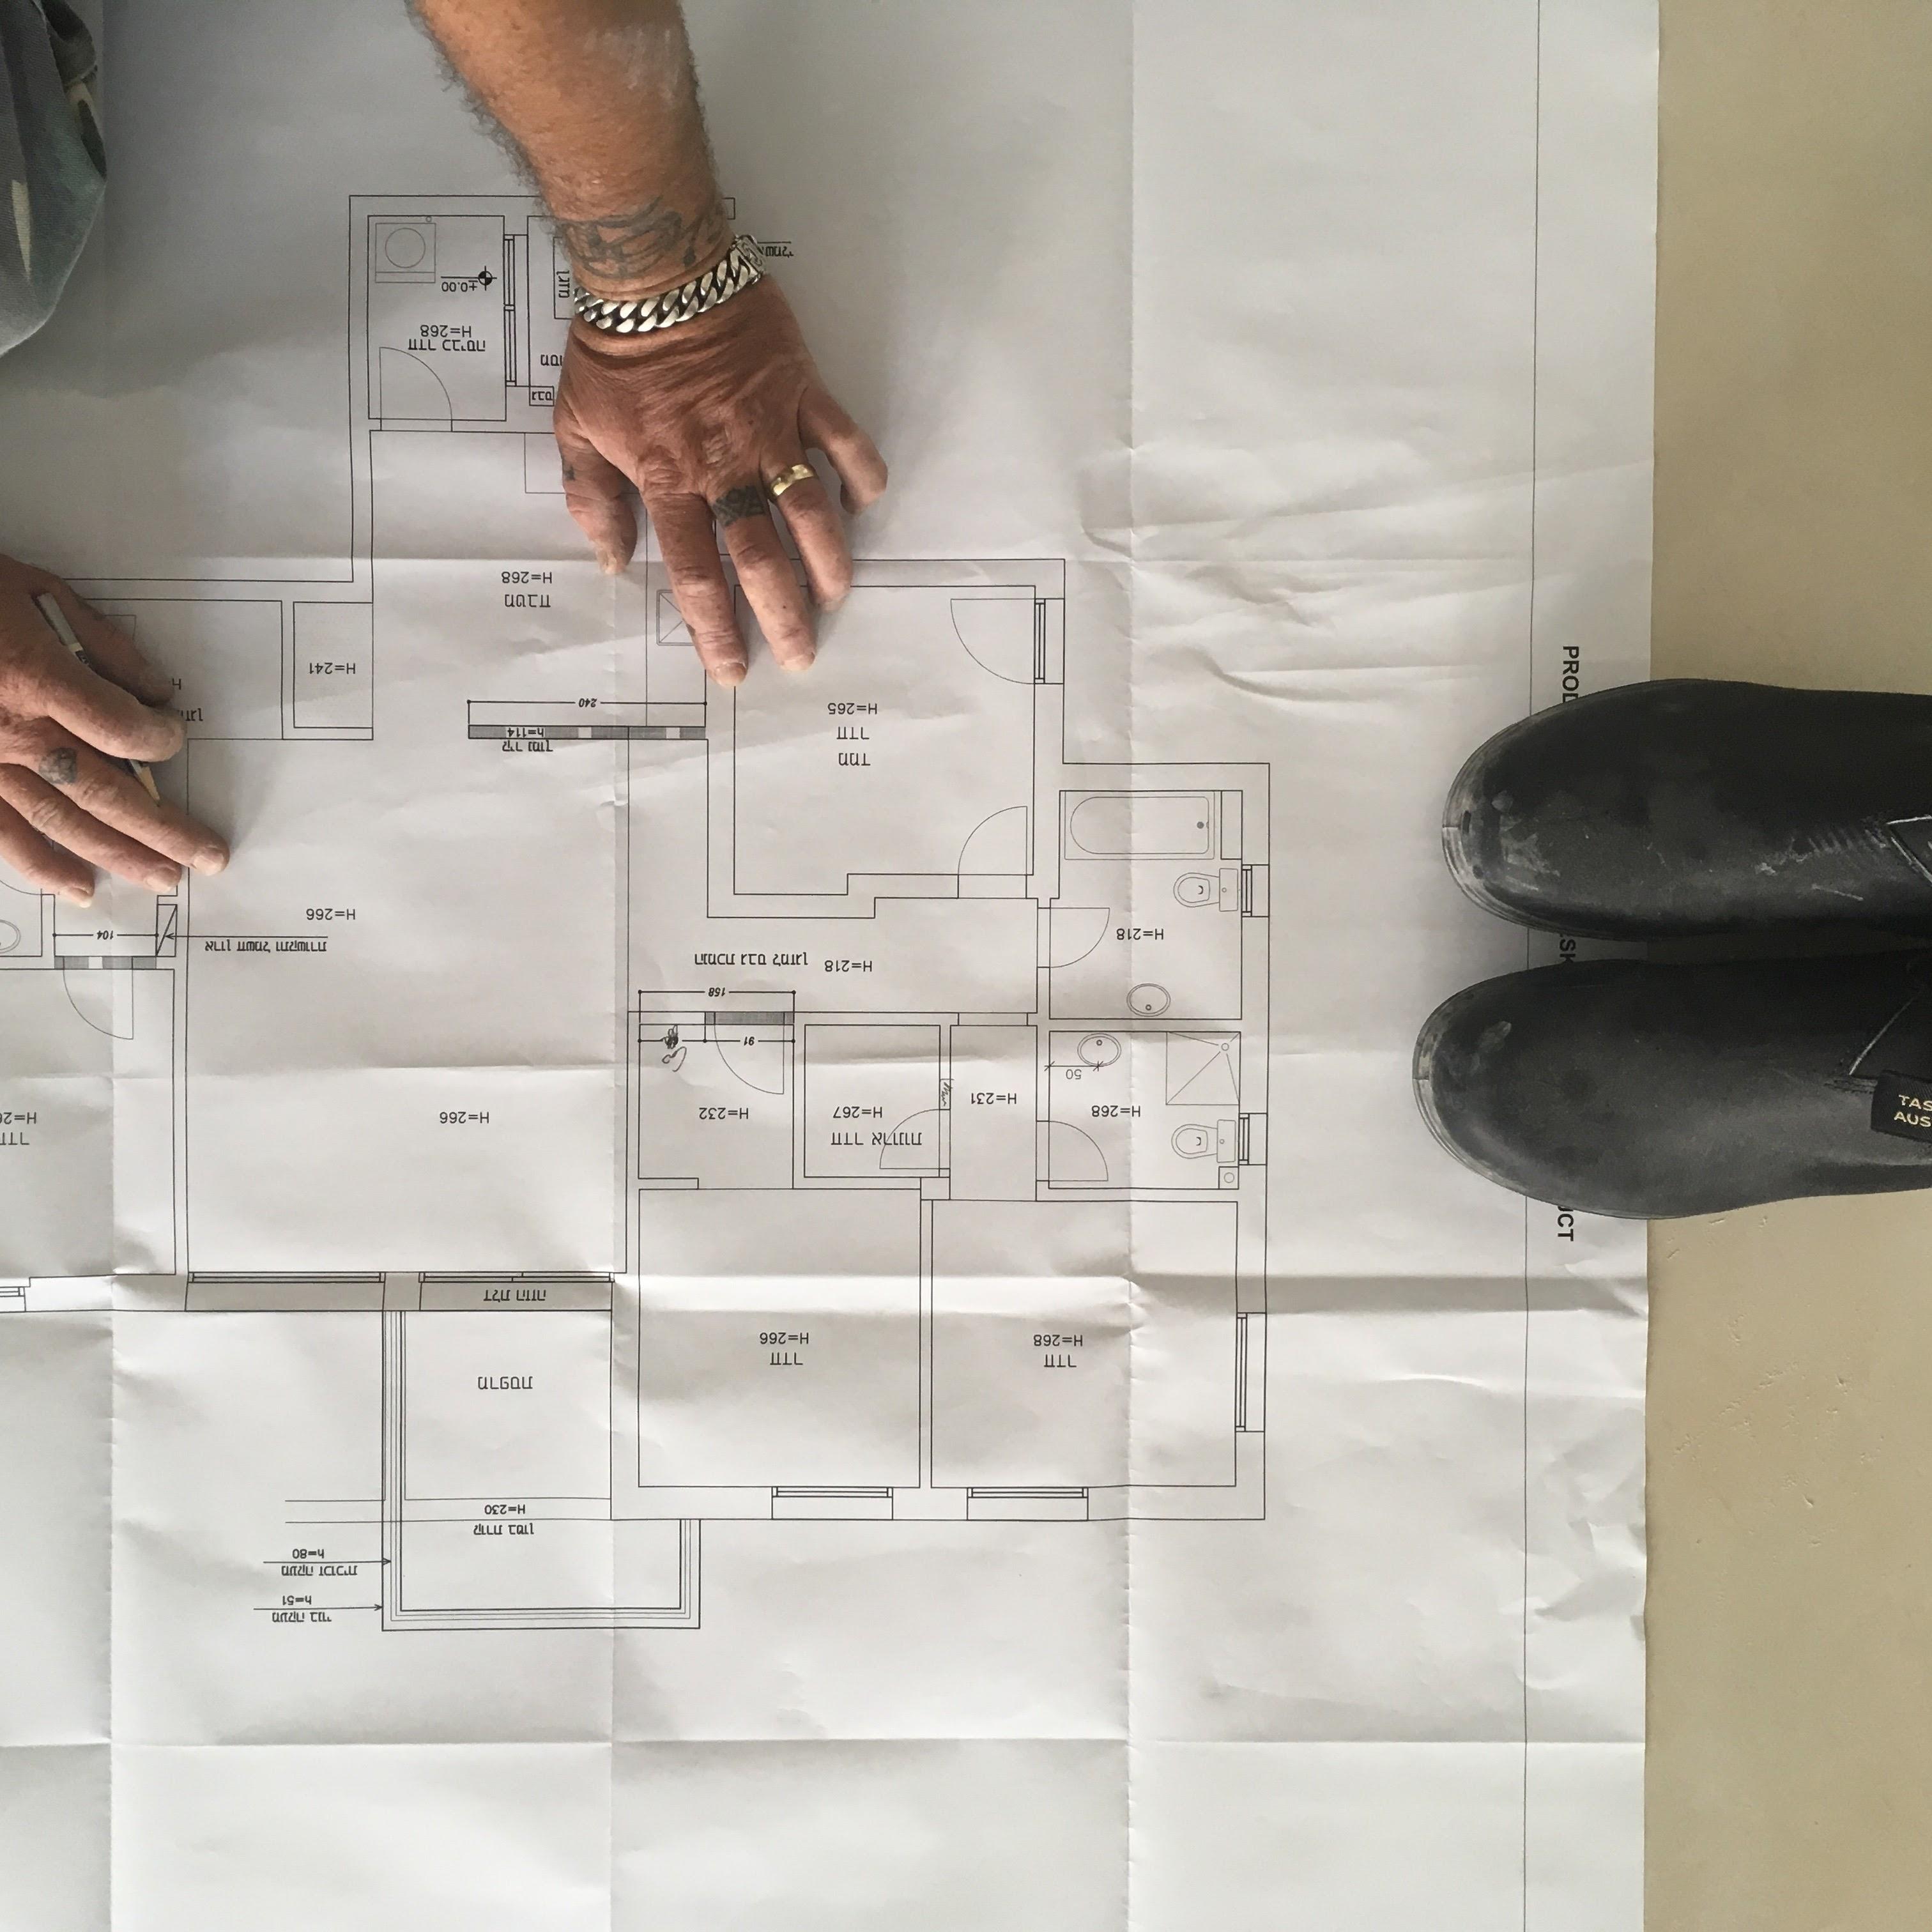 תכנון שיפוץ דירה לפי תכניות | מרב שדה - תכנון ועיצוב פנים